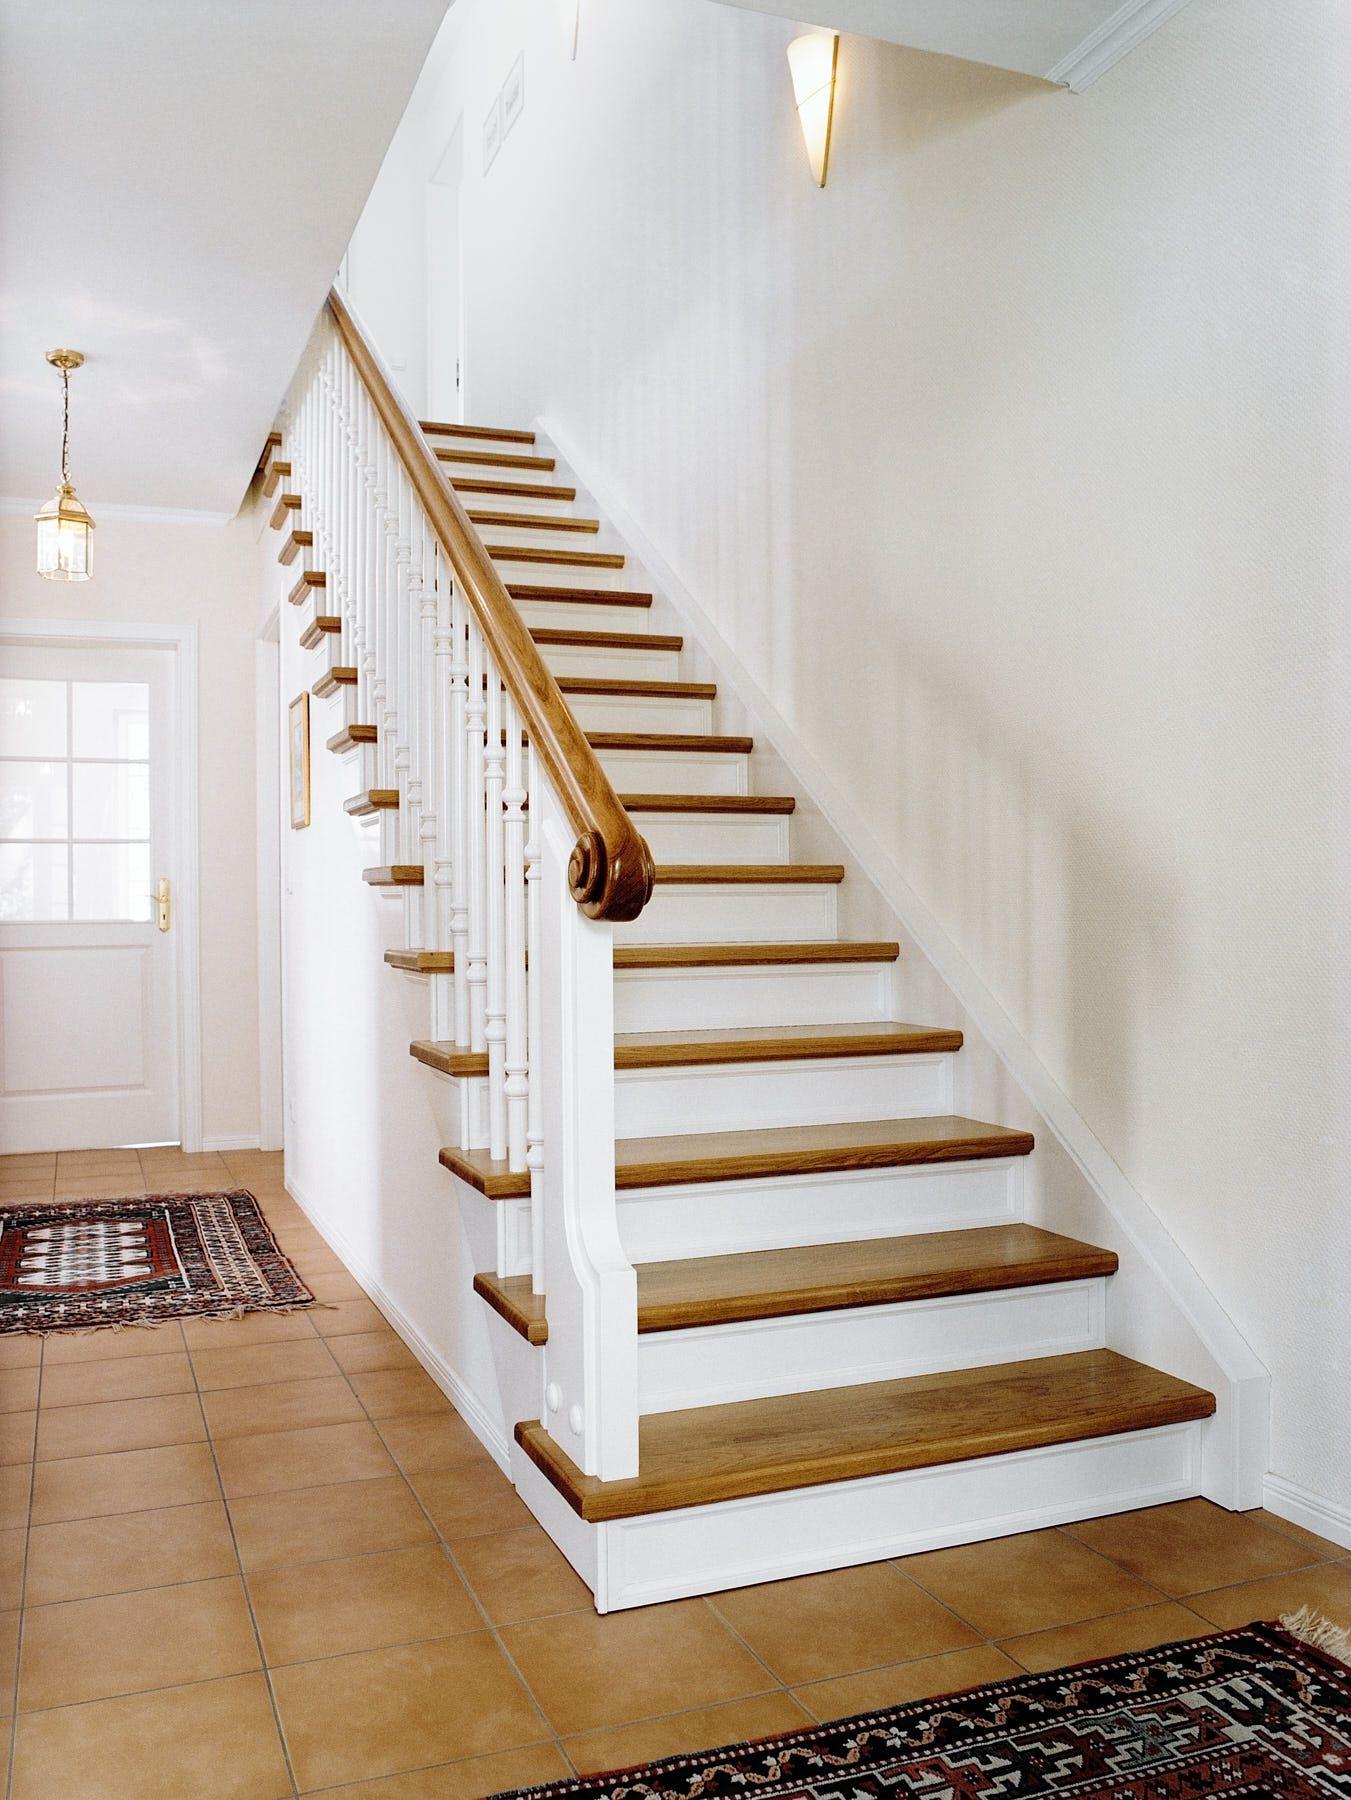 Gerade Eichenholztreppe Die gerade Treppe aus Eichenholz ...